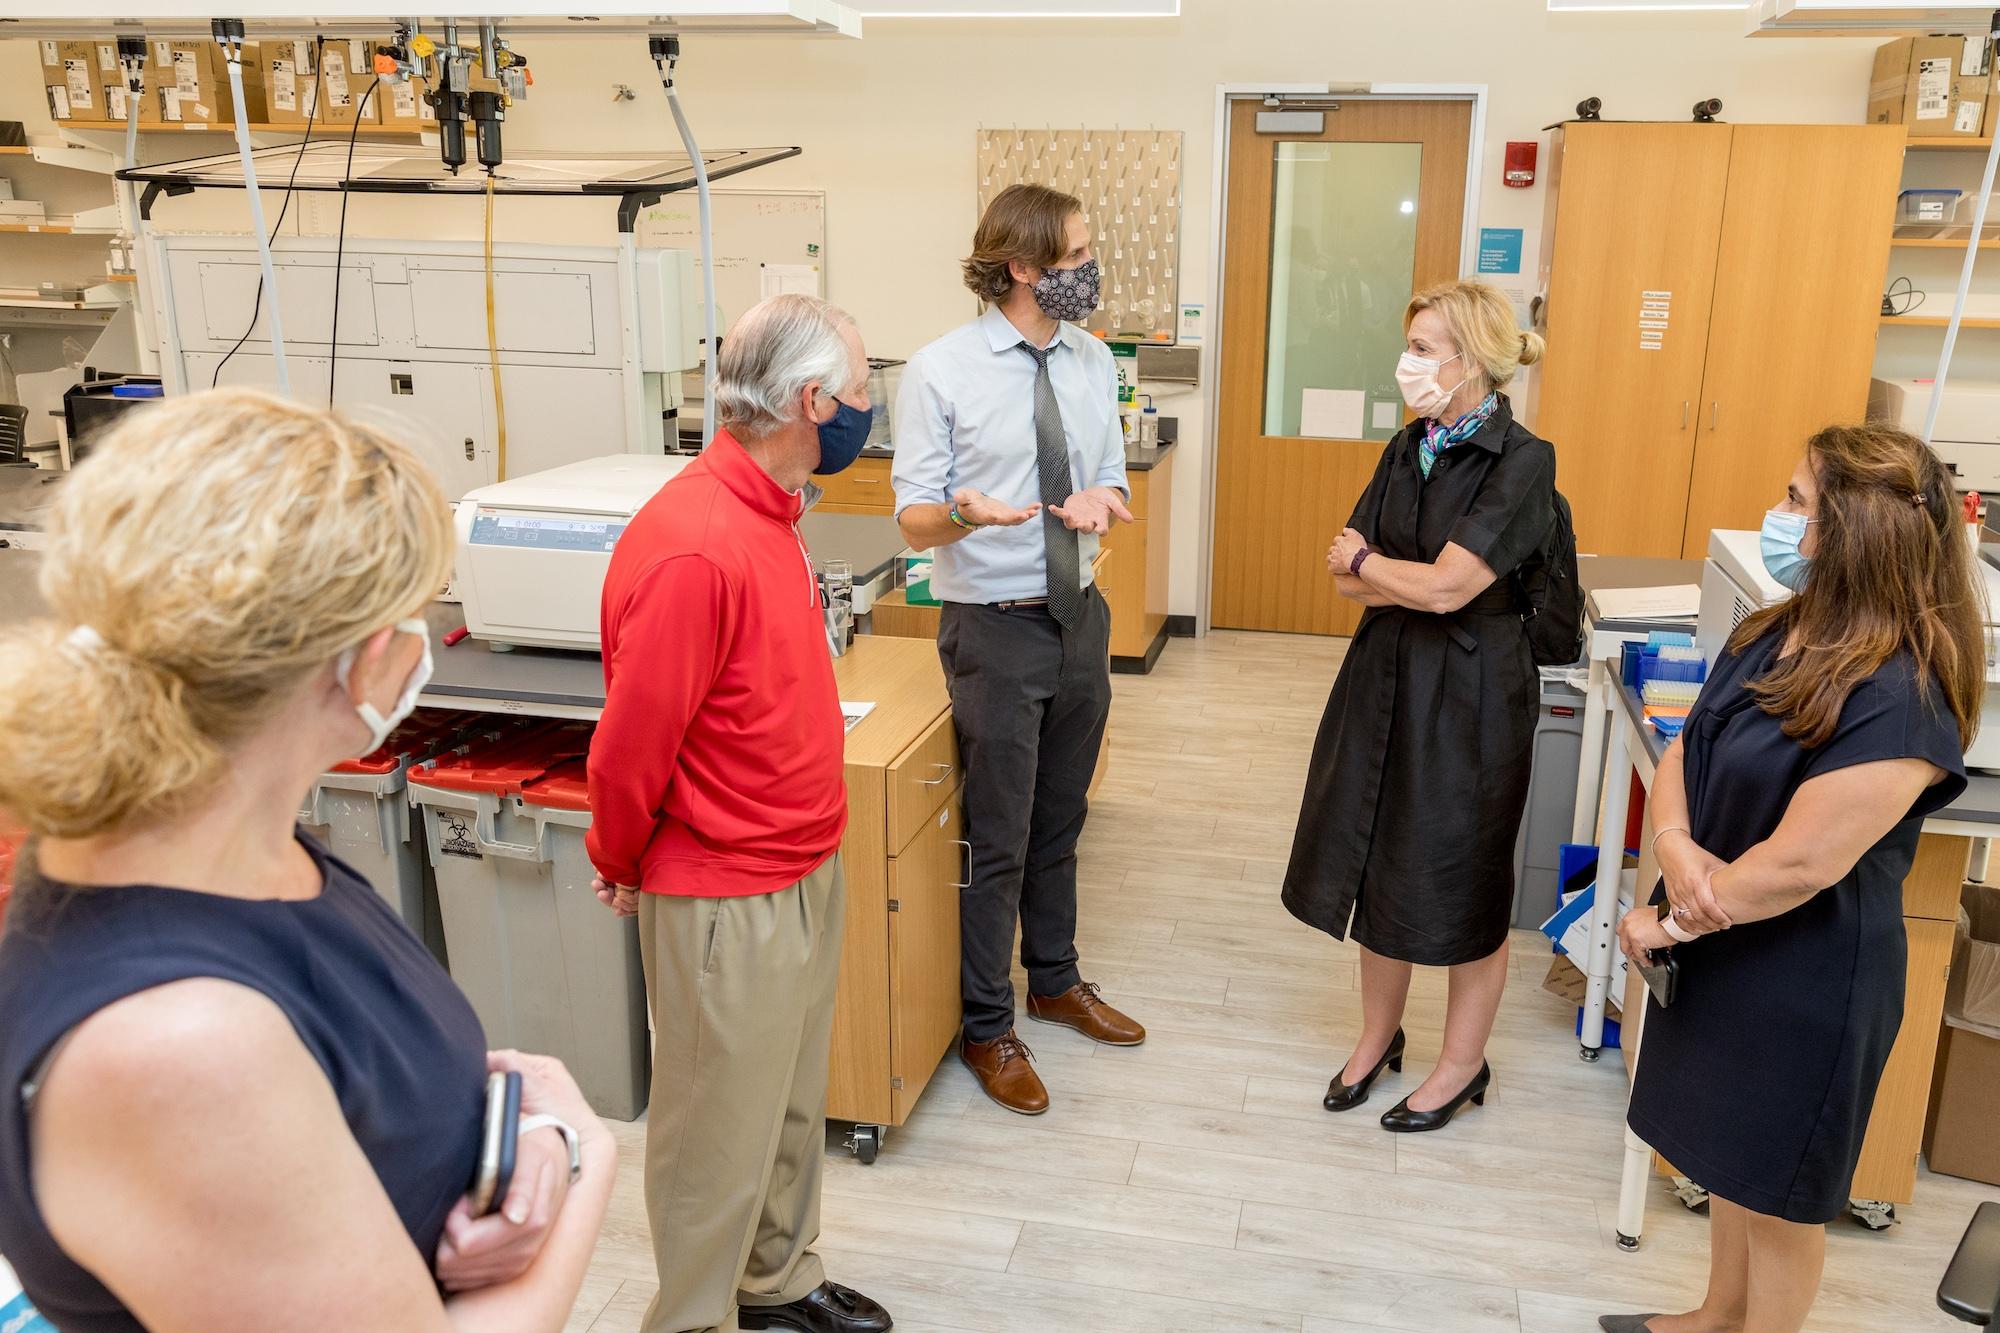 Deborah Birx visiting campus